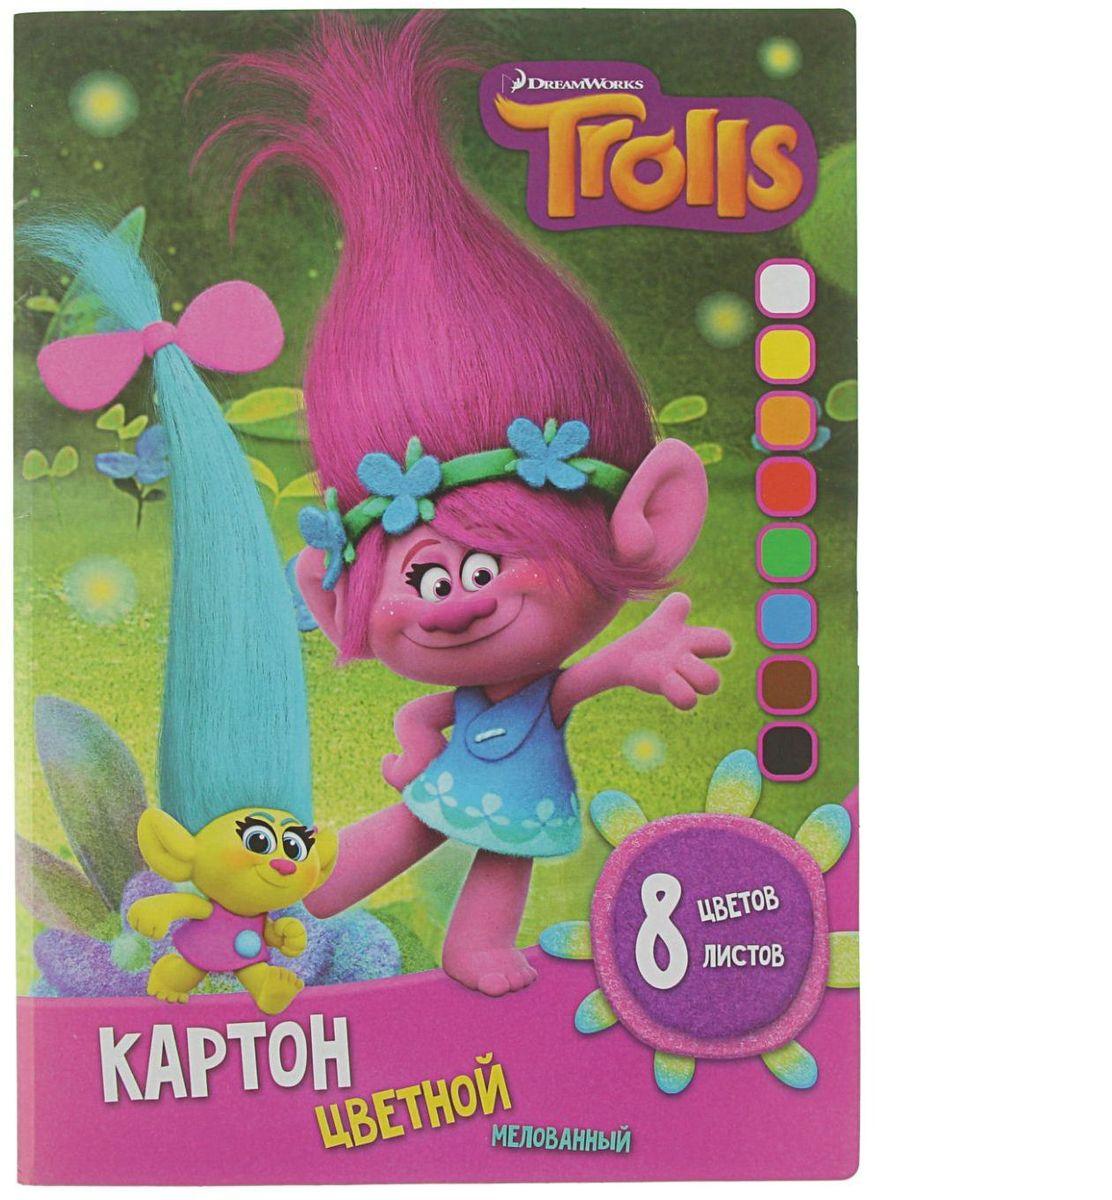 Trolls Картон цветной мелованный 8 листов 8 цветов72523WDИзделия данной категории необходимы любому человеку независимо от рода его деятельности. У нас представлен широкий ассортимент товаров для учеников, студентов, офисных сотрудников и руководителей, а также товары для творчества.